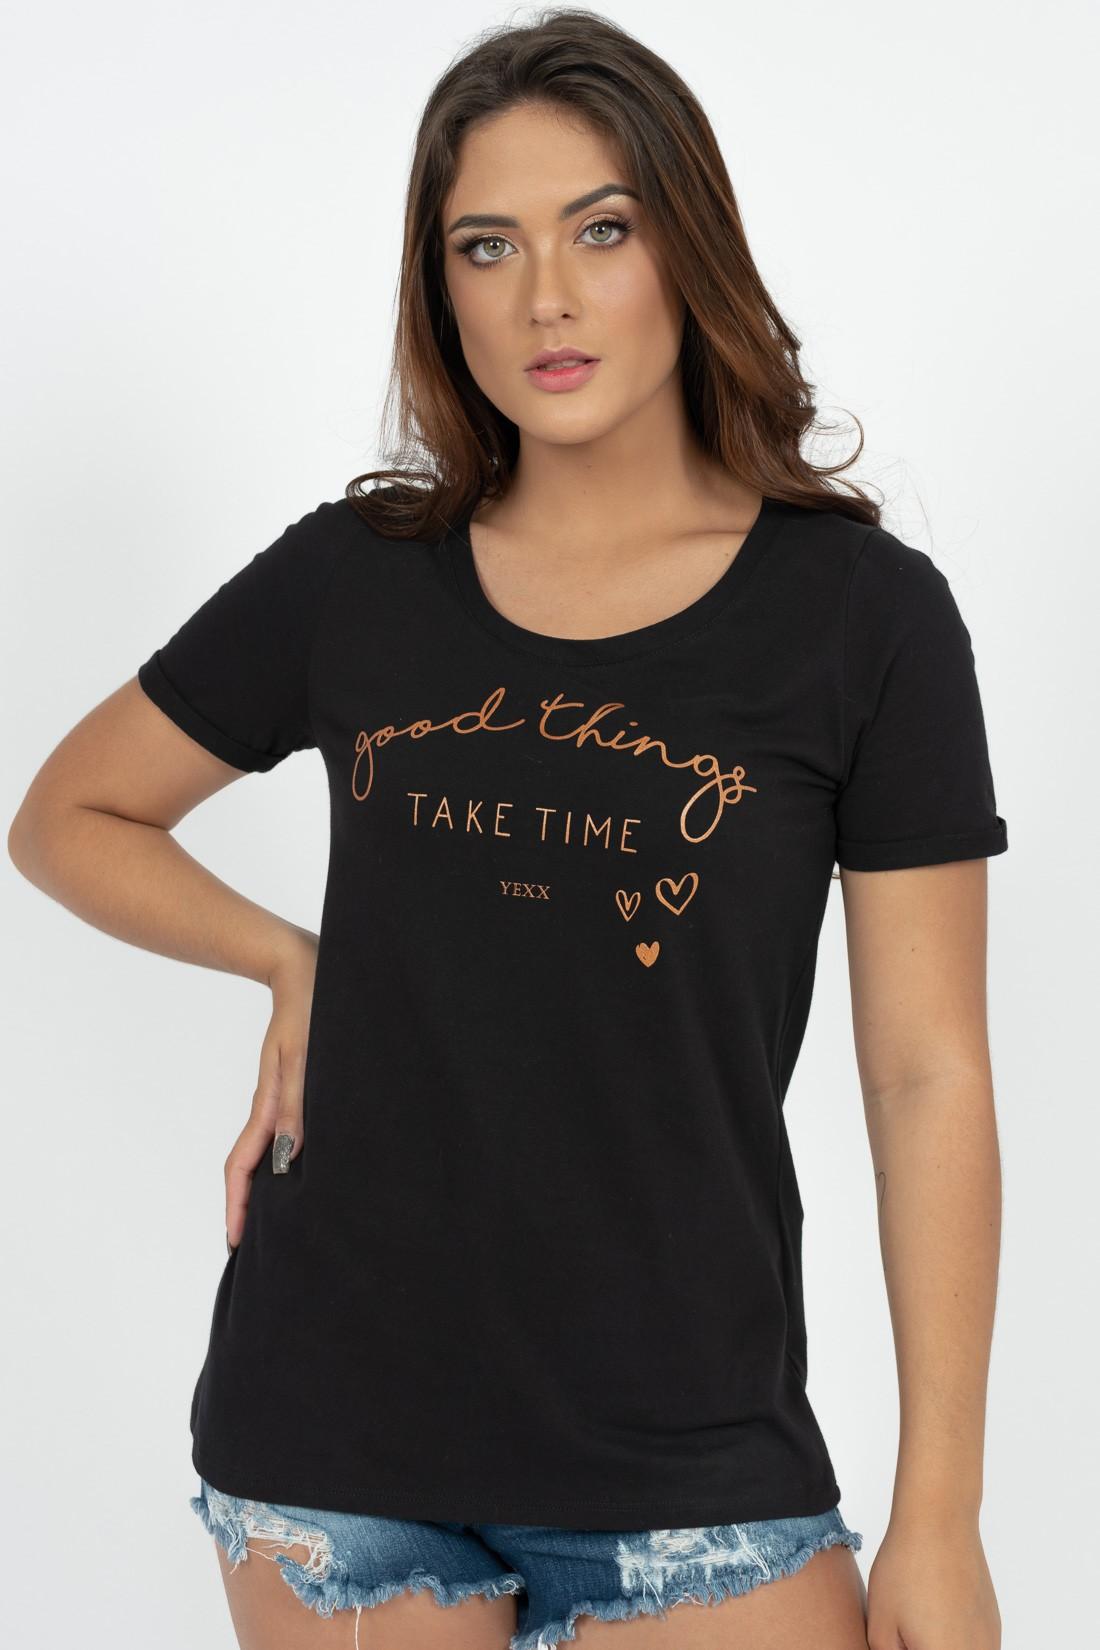 T Shirt Yexx Good Things